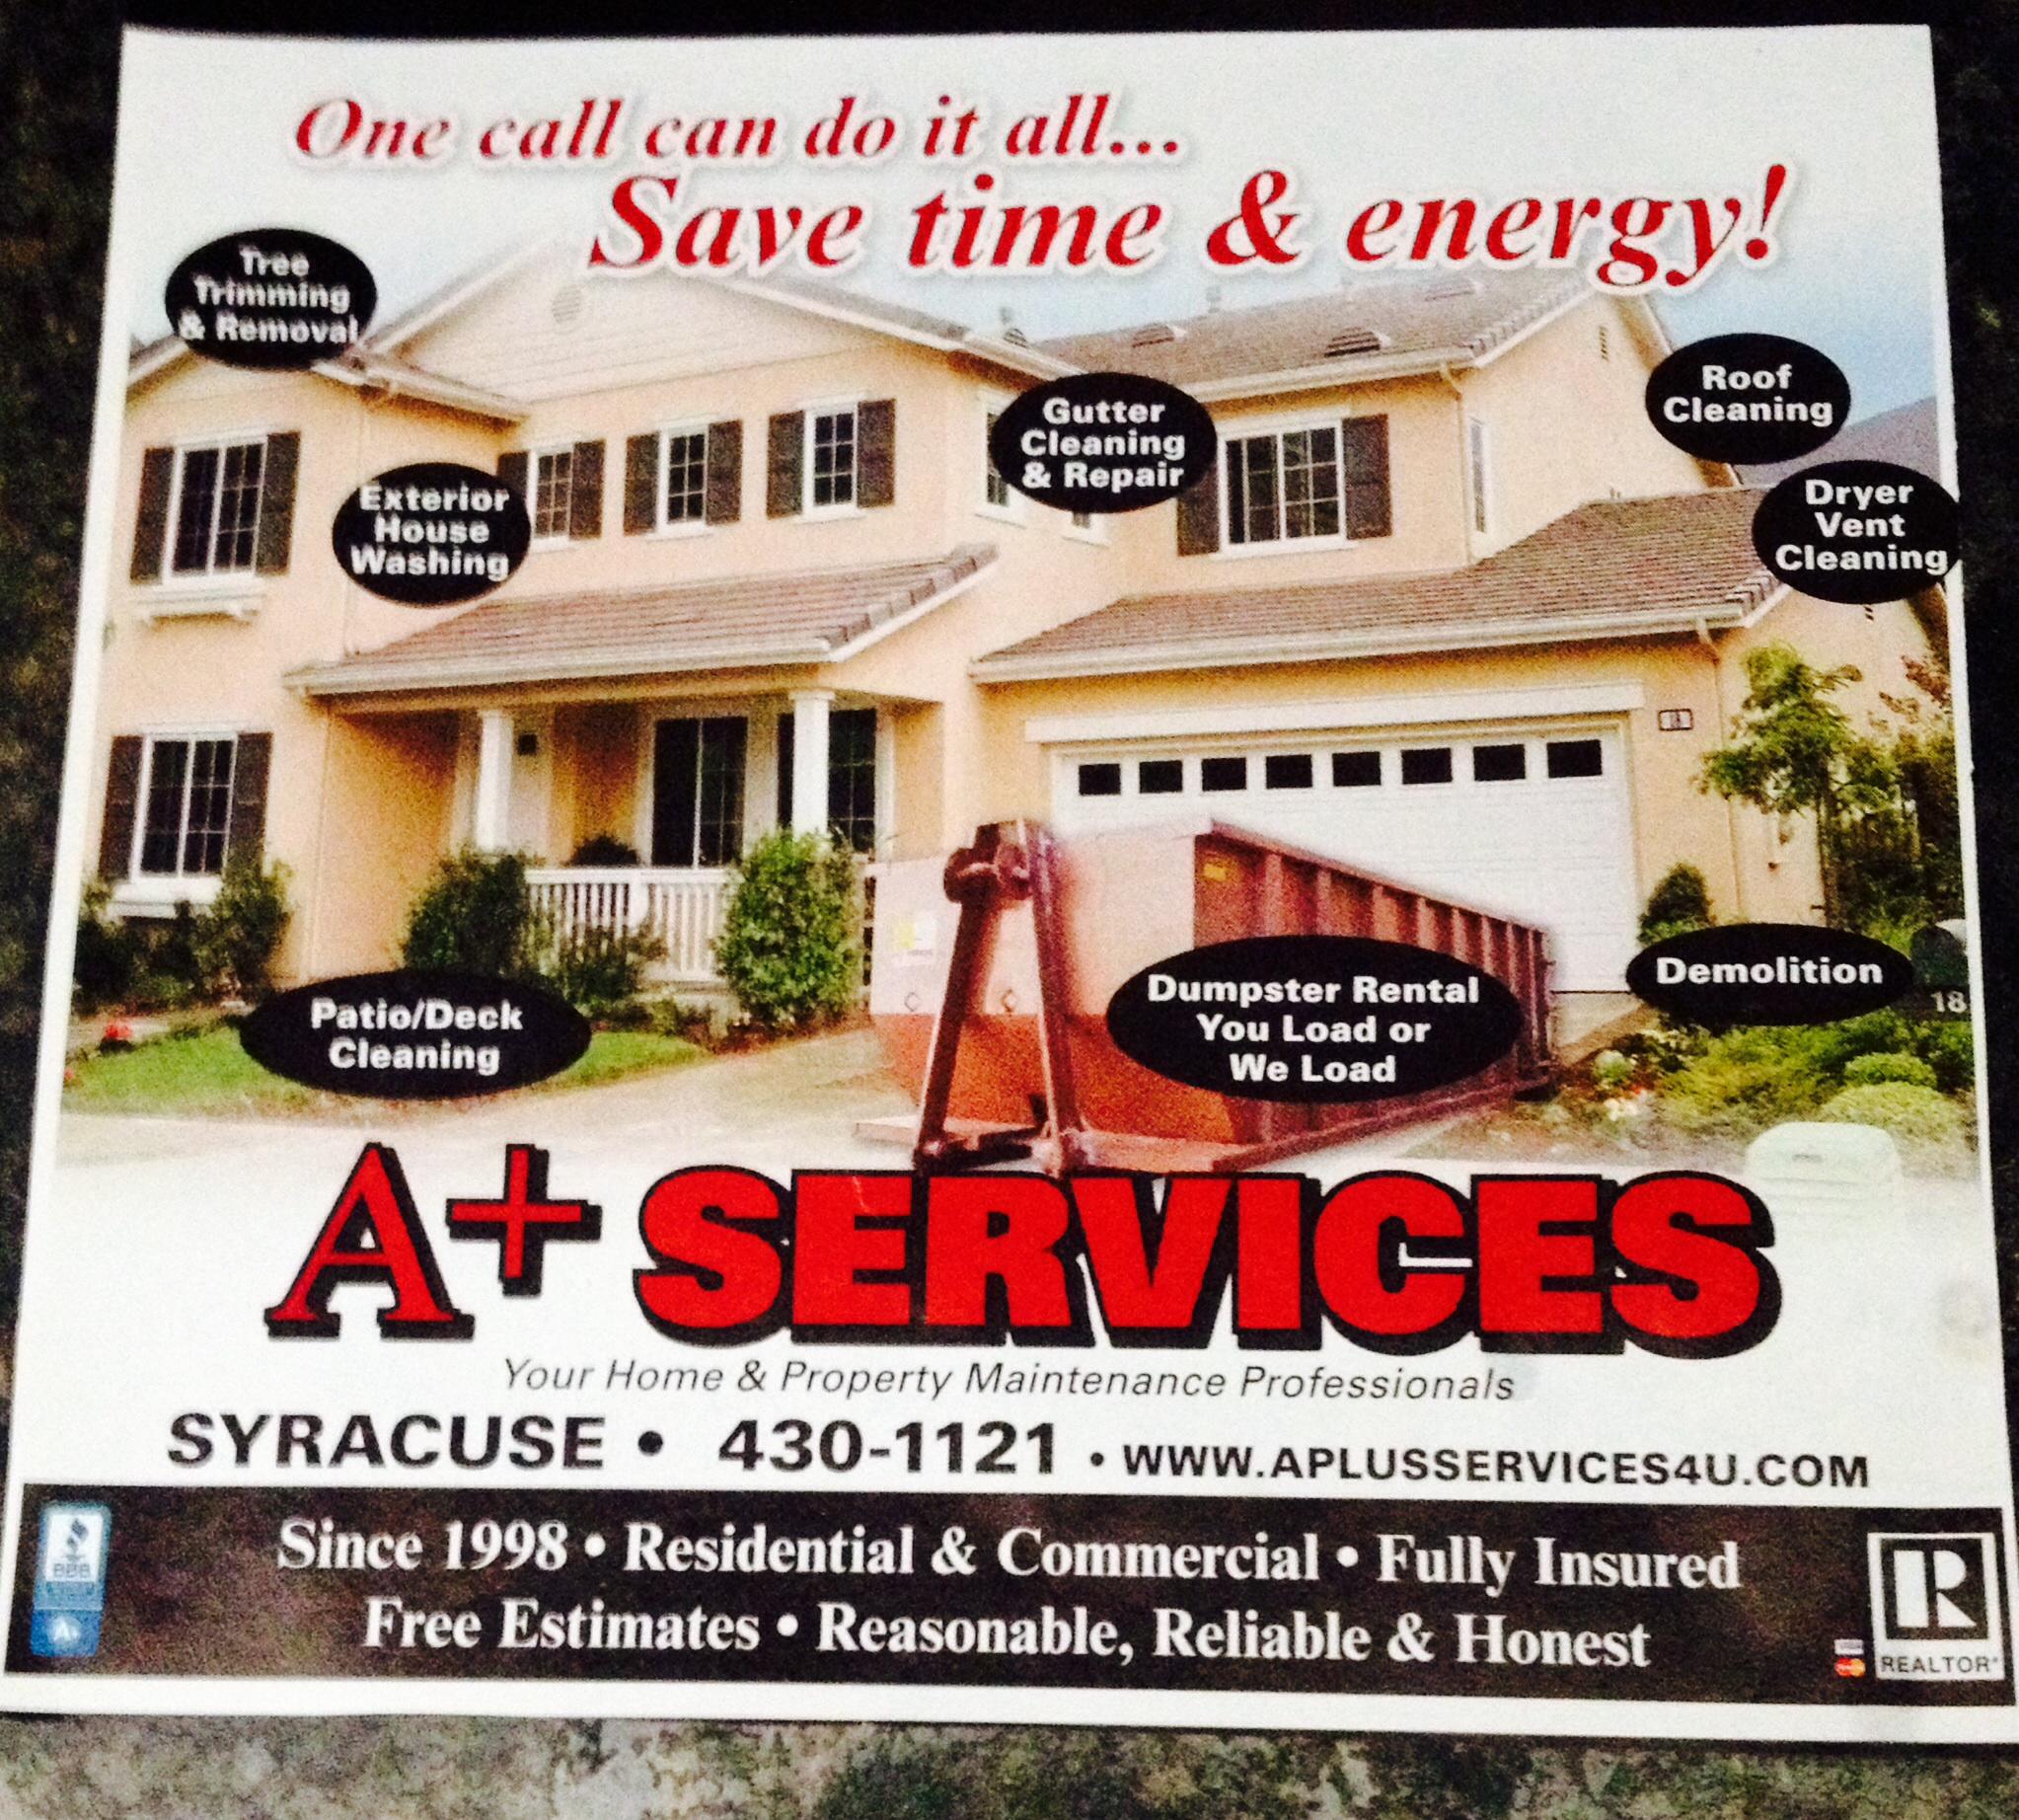 A Plus Services & Discount Dumpster Rental